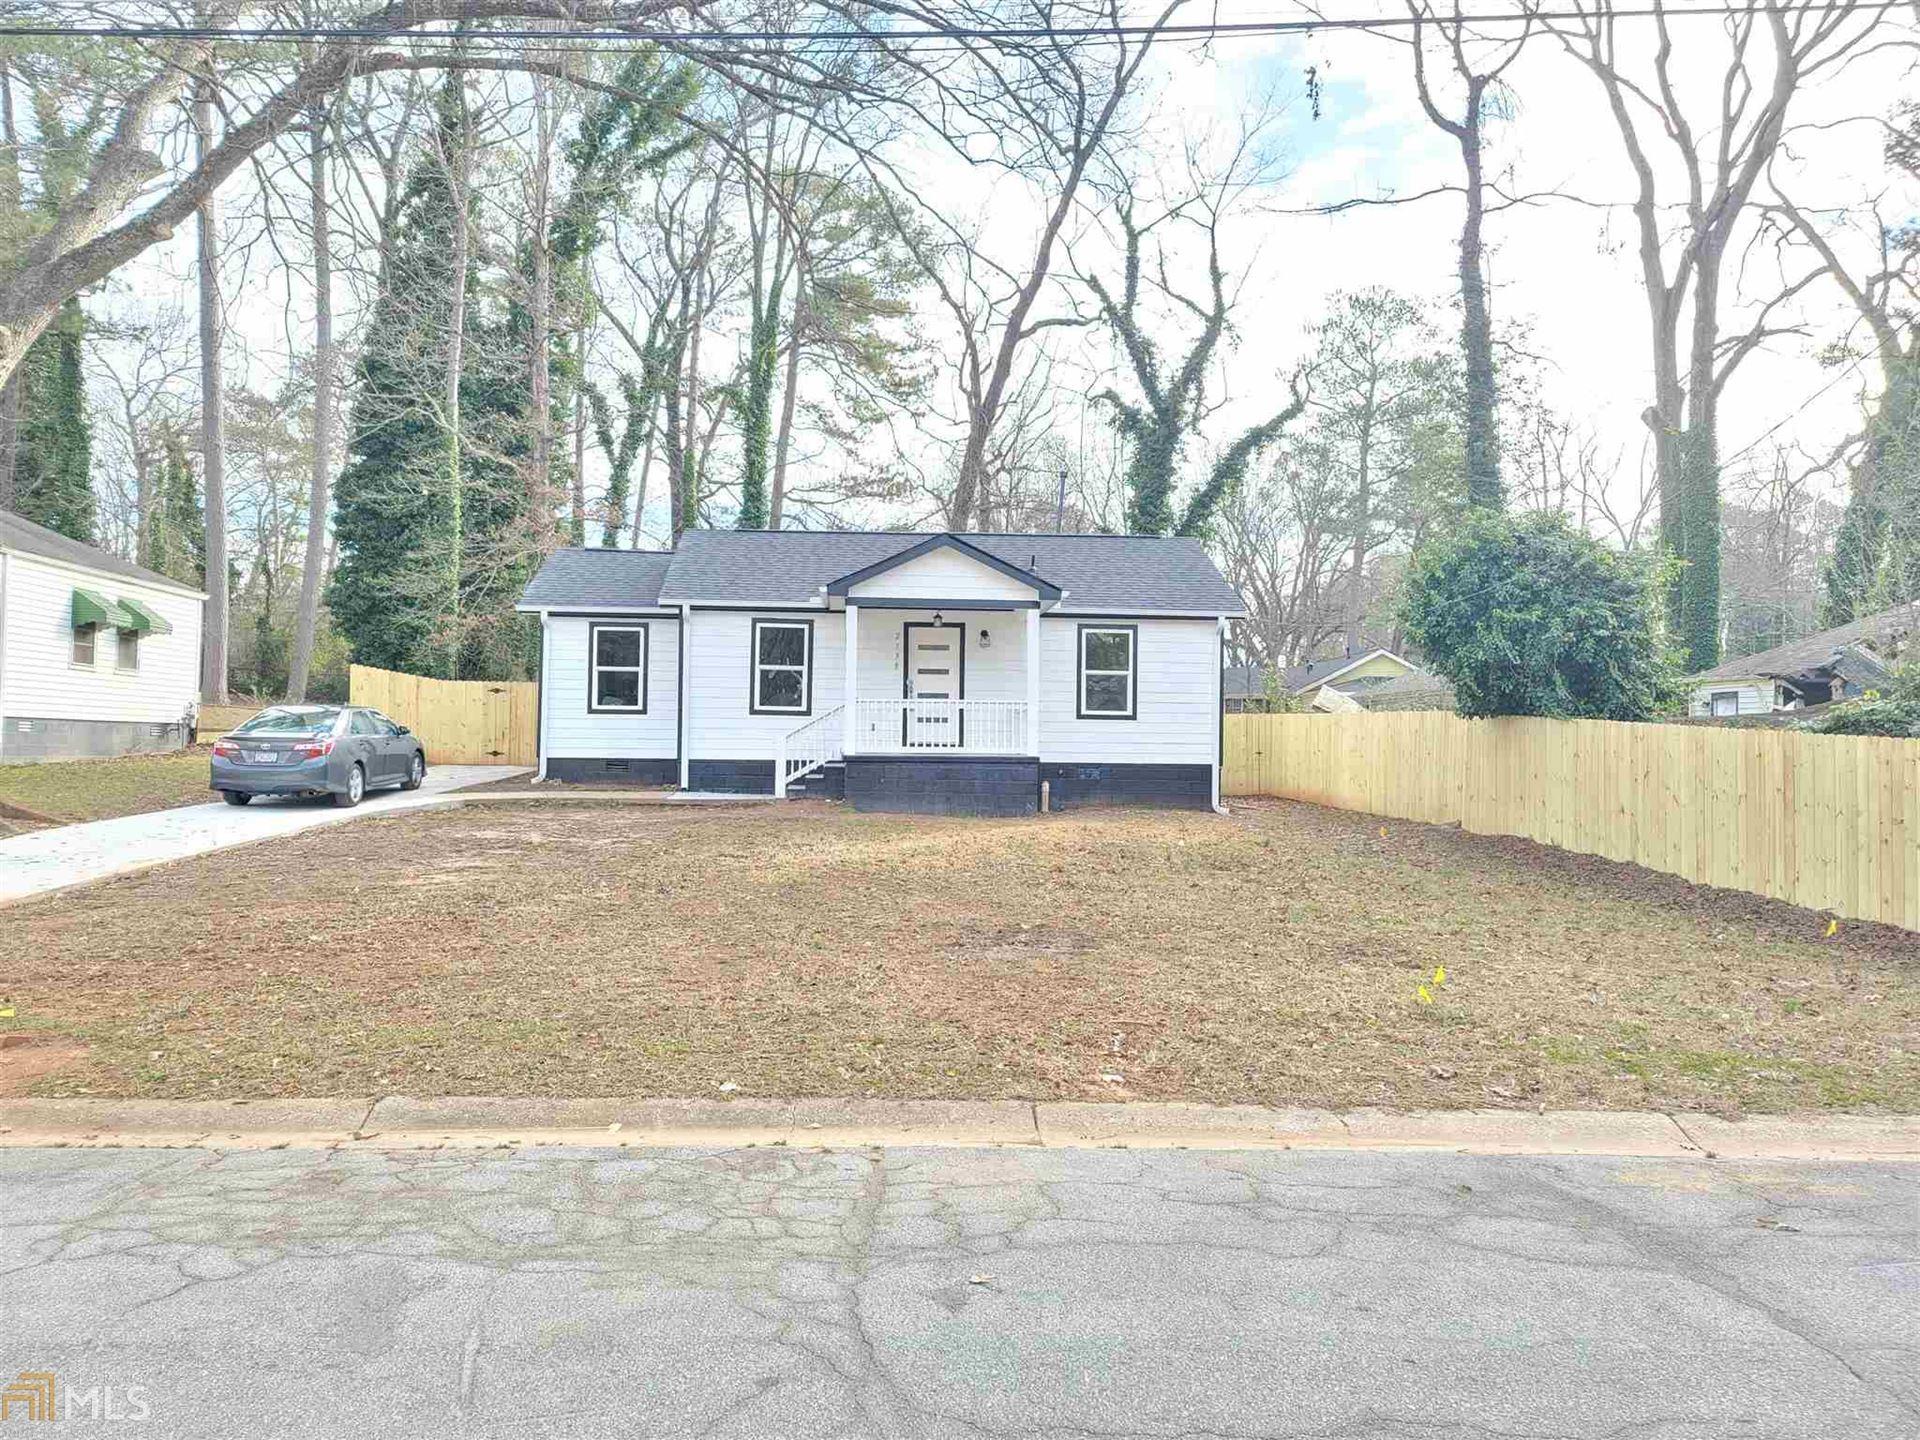 2138 Ville St, Atlanta, GA 30315 - #: 8914100